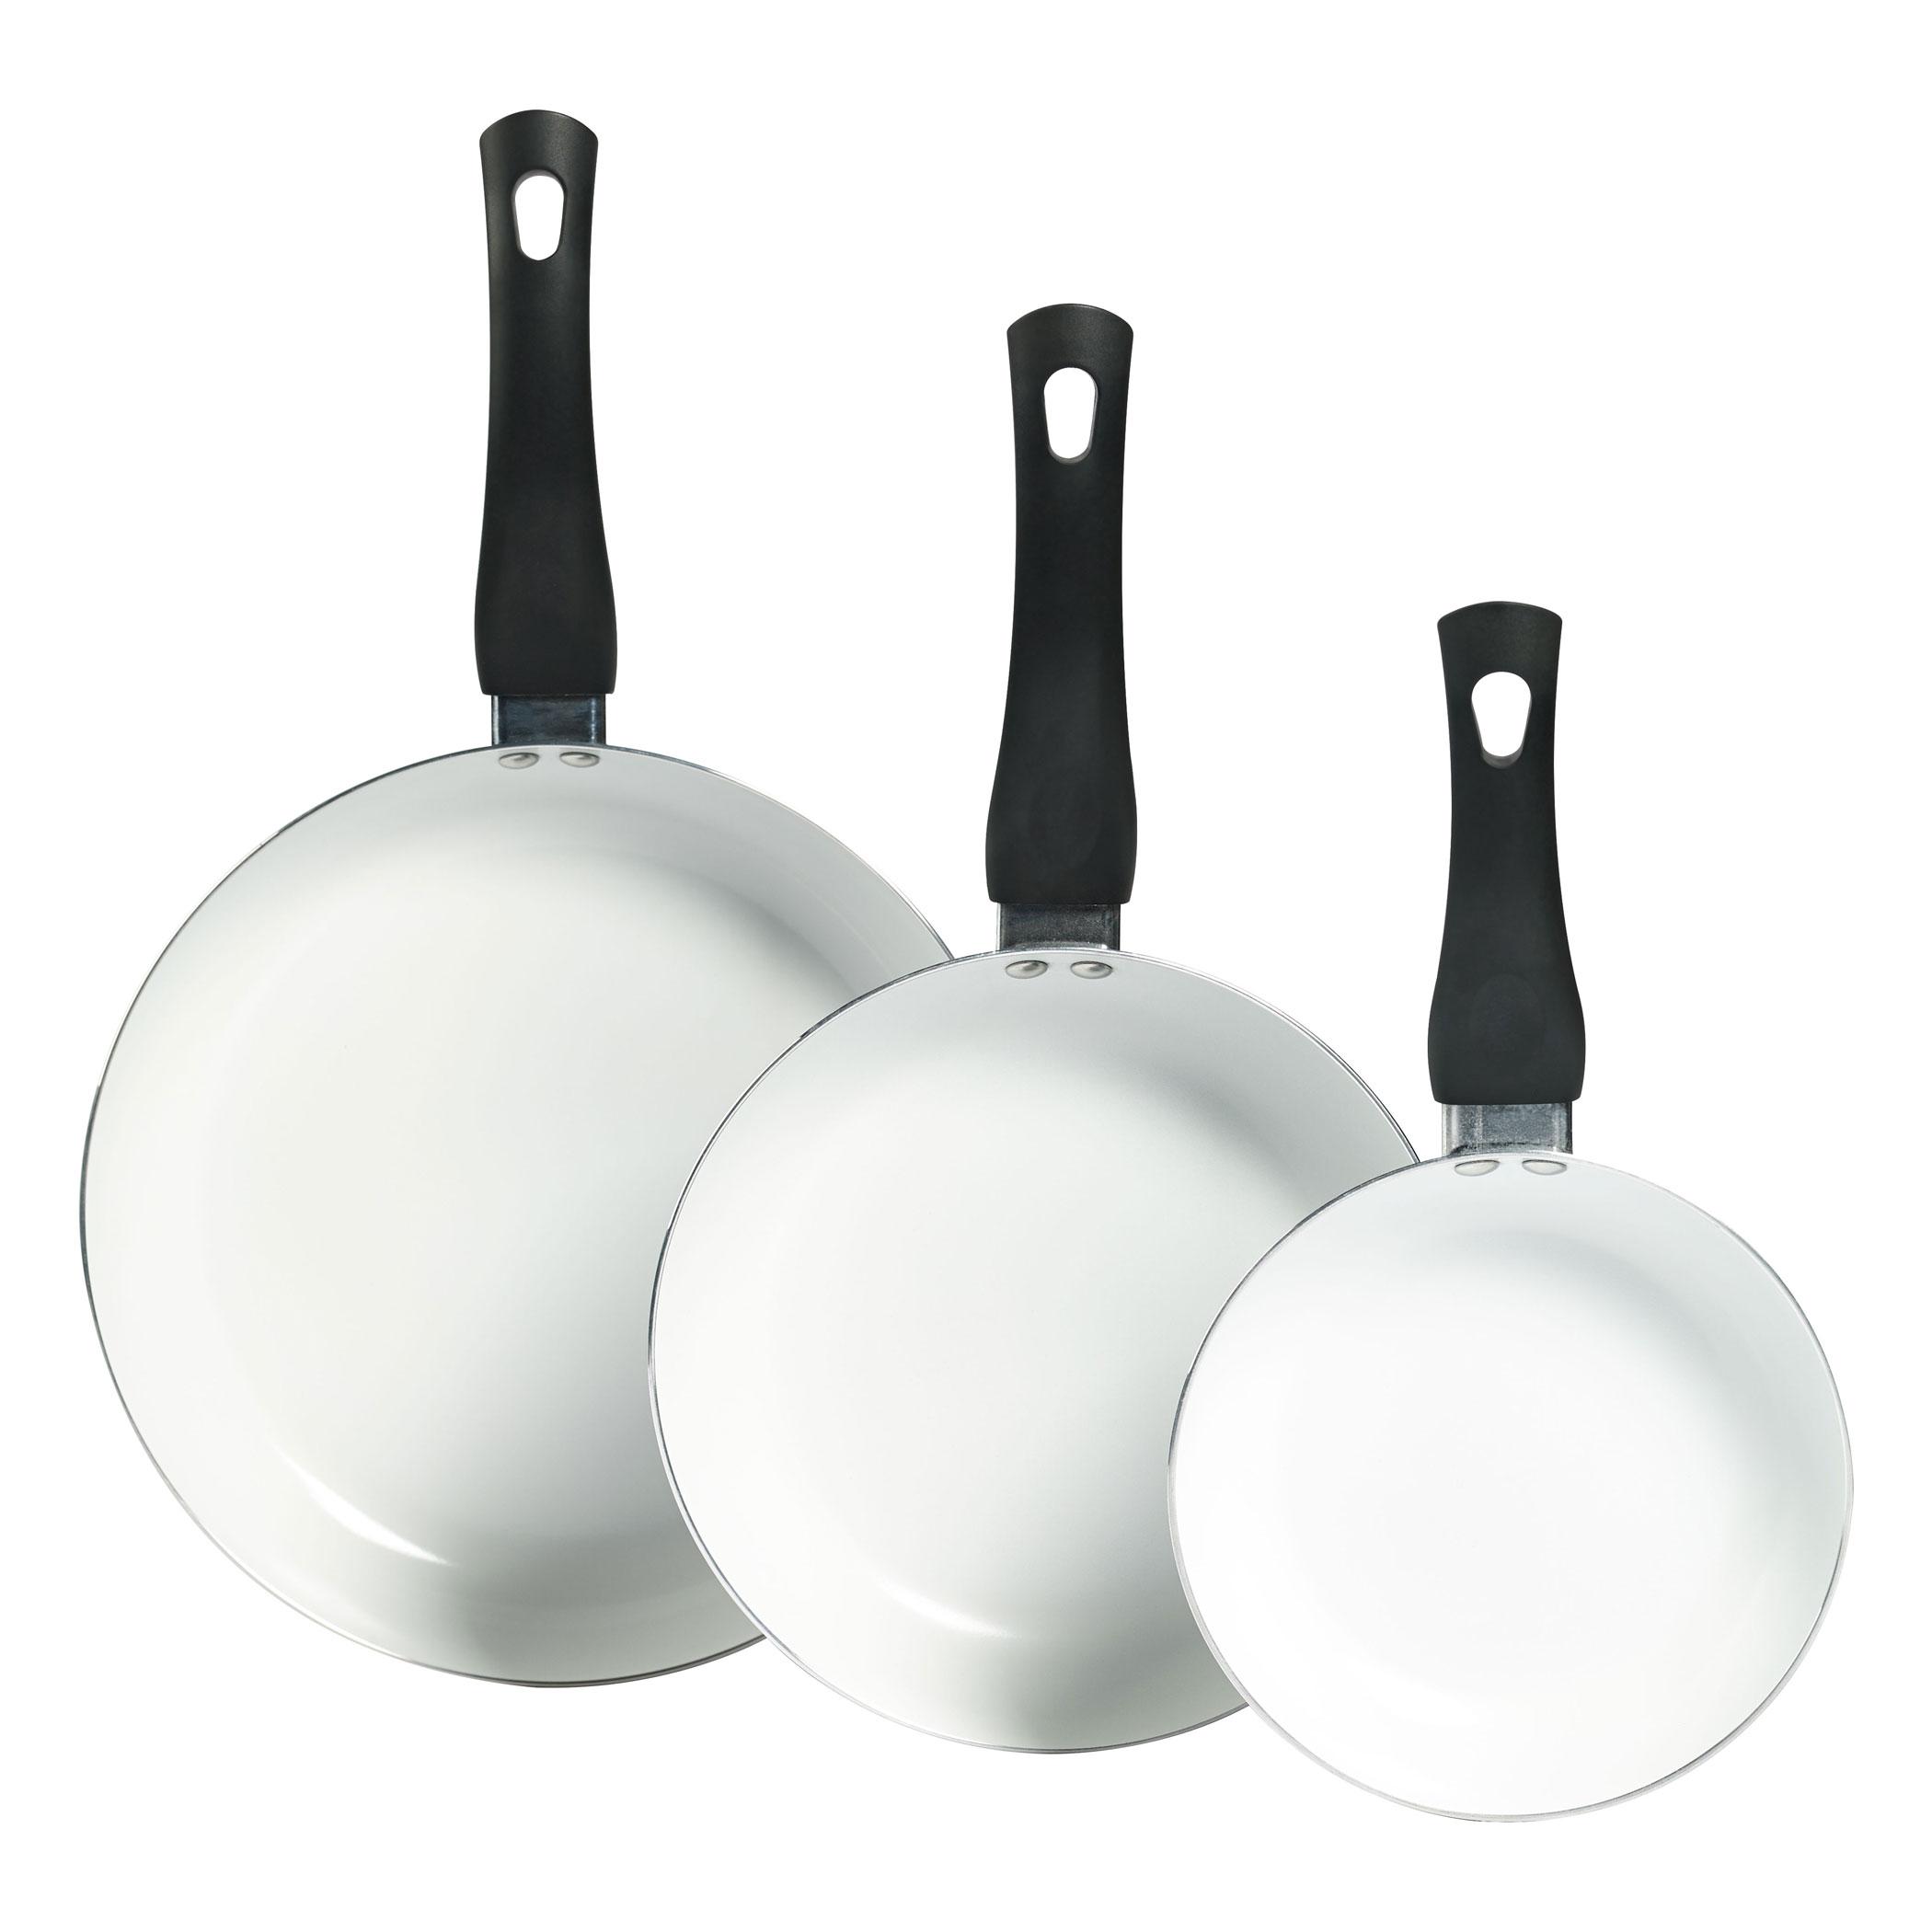 of 3 ceramic nonstick aluminum fry pans